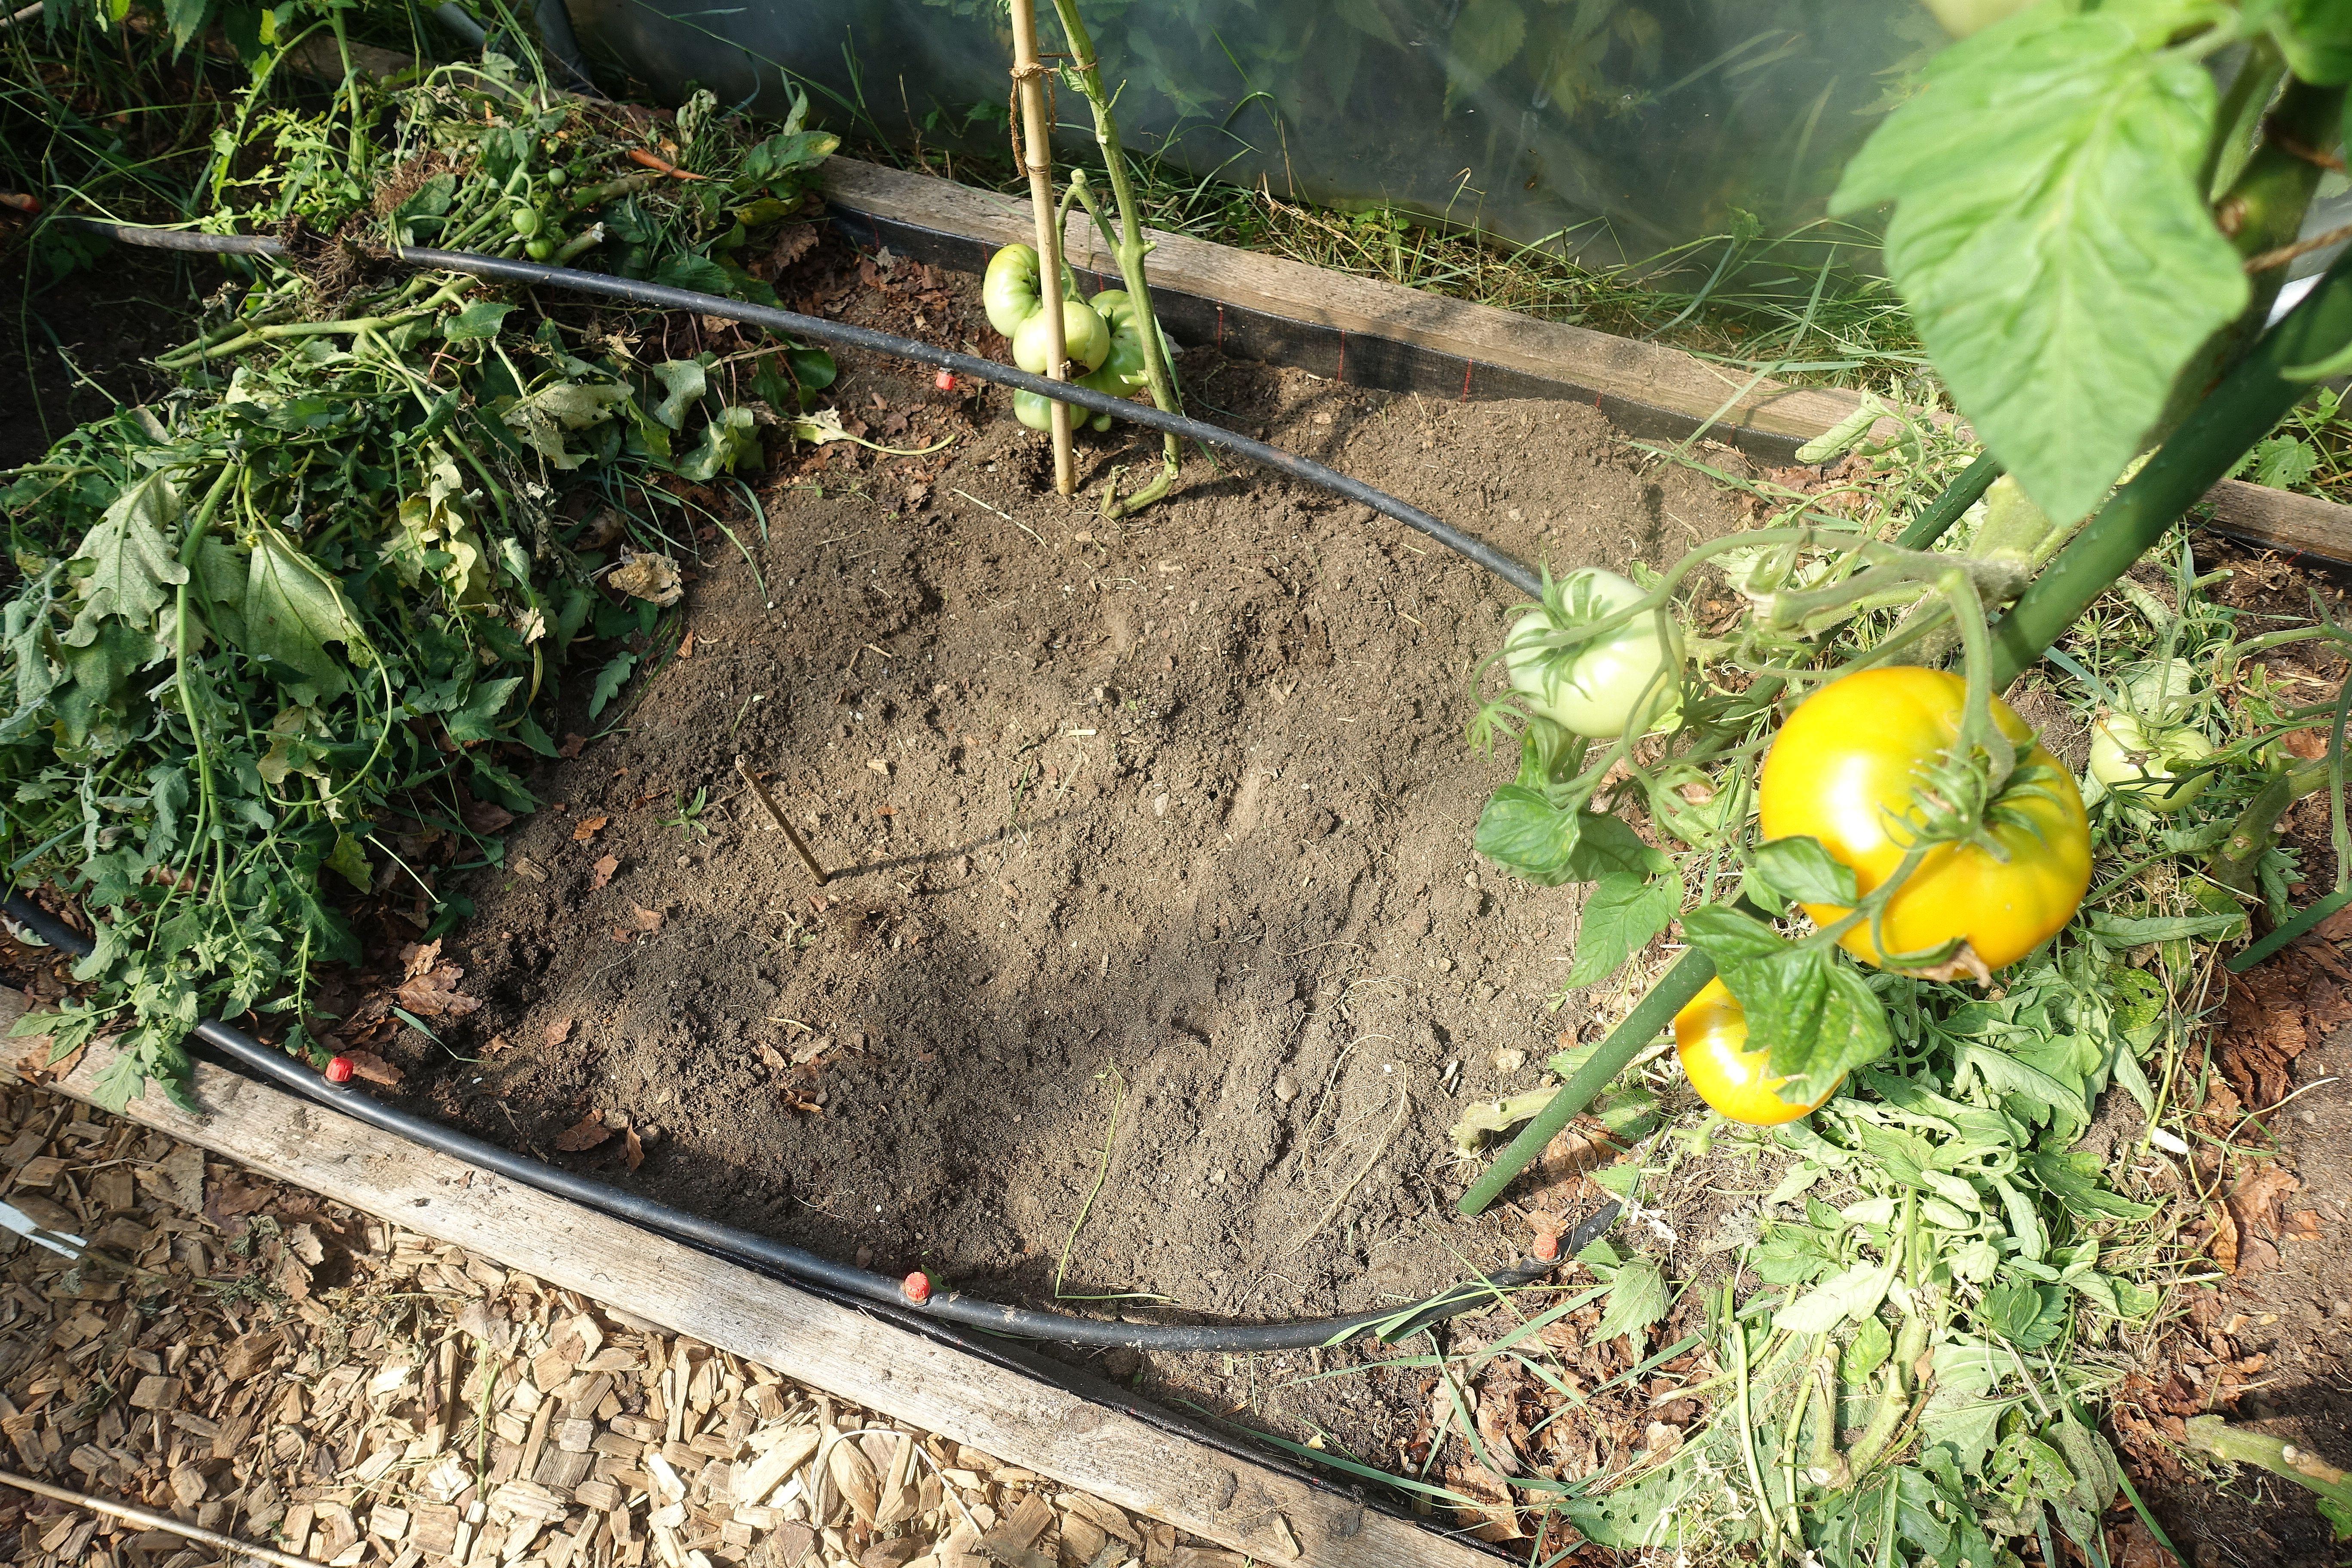 En odlingsram med fyra tomatplantor, en bevattningsslinga och täckodlade små vallar i kanterna. Mulching my polytunnels, a frame with four tomato plants, a hose and mulch ridges.